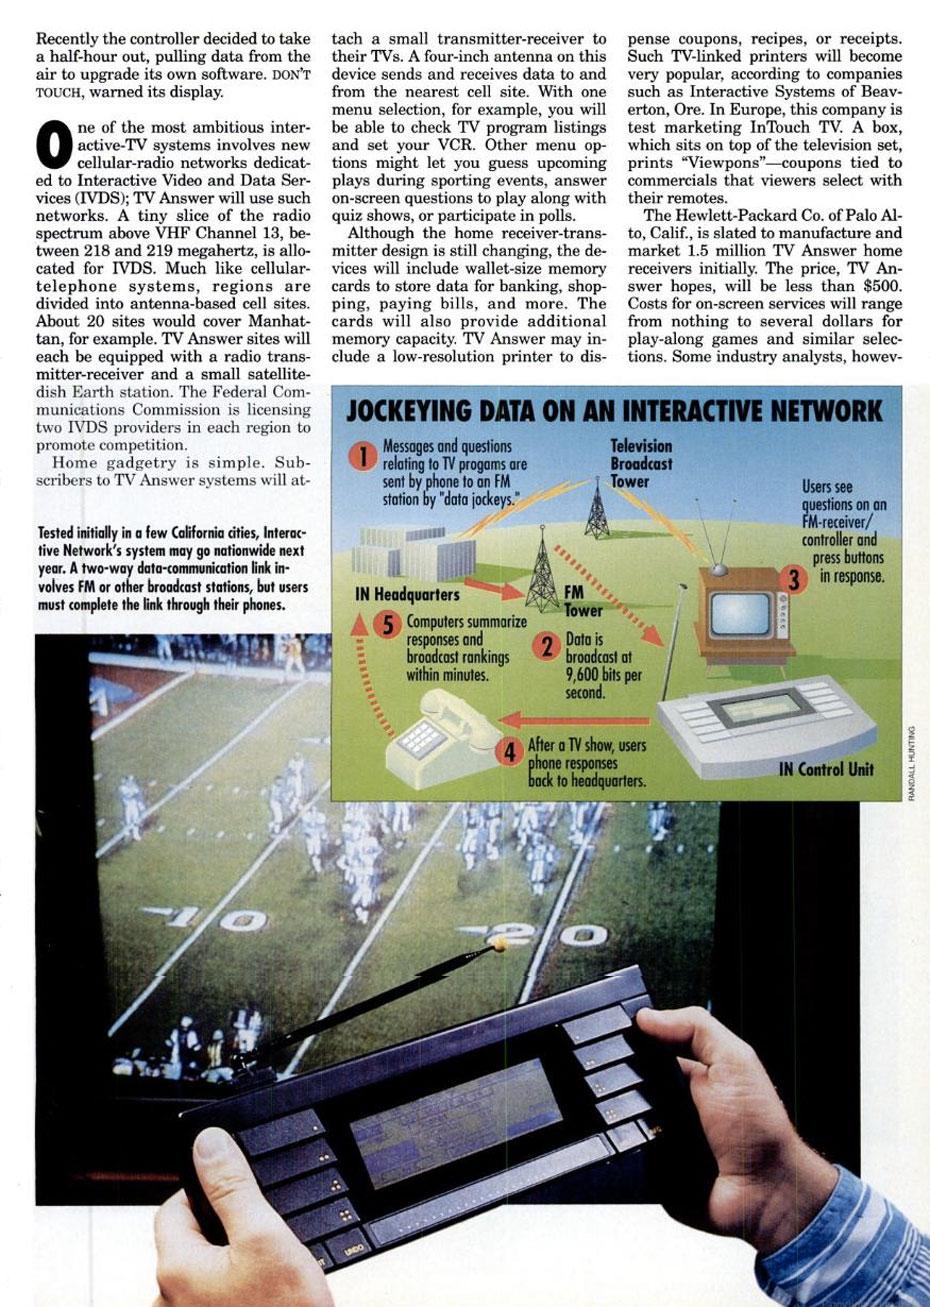 1992 Interactive TV Remote